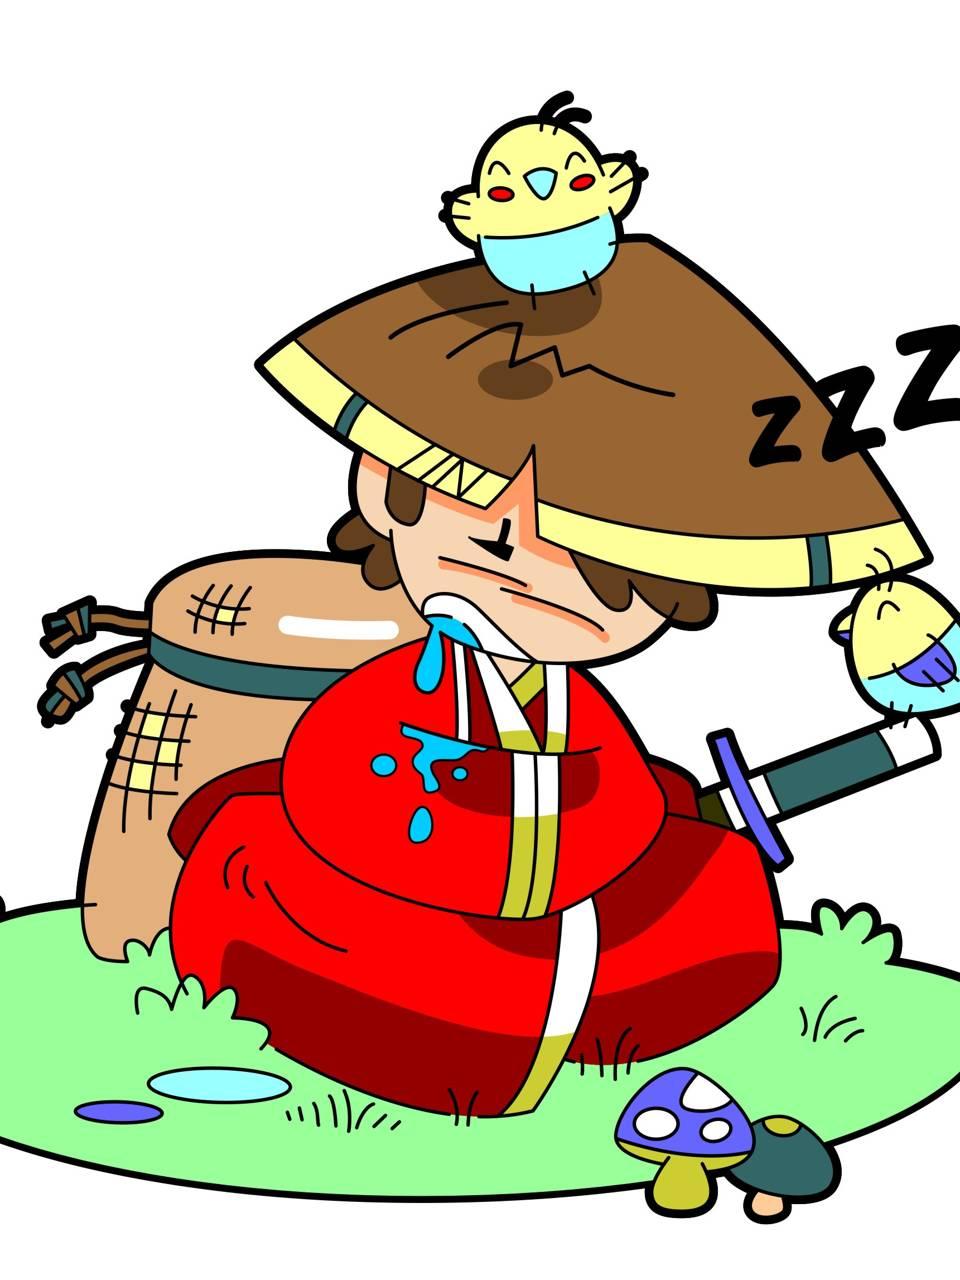 Sleepimg Samurai